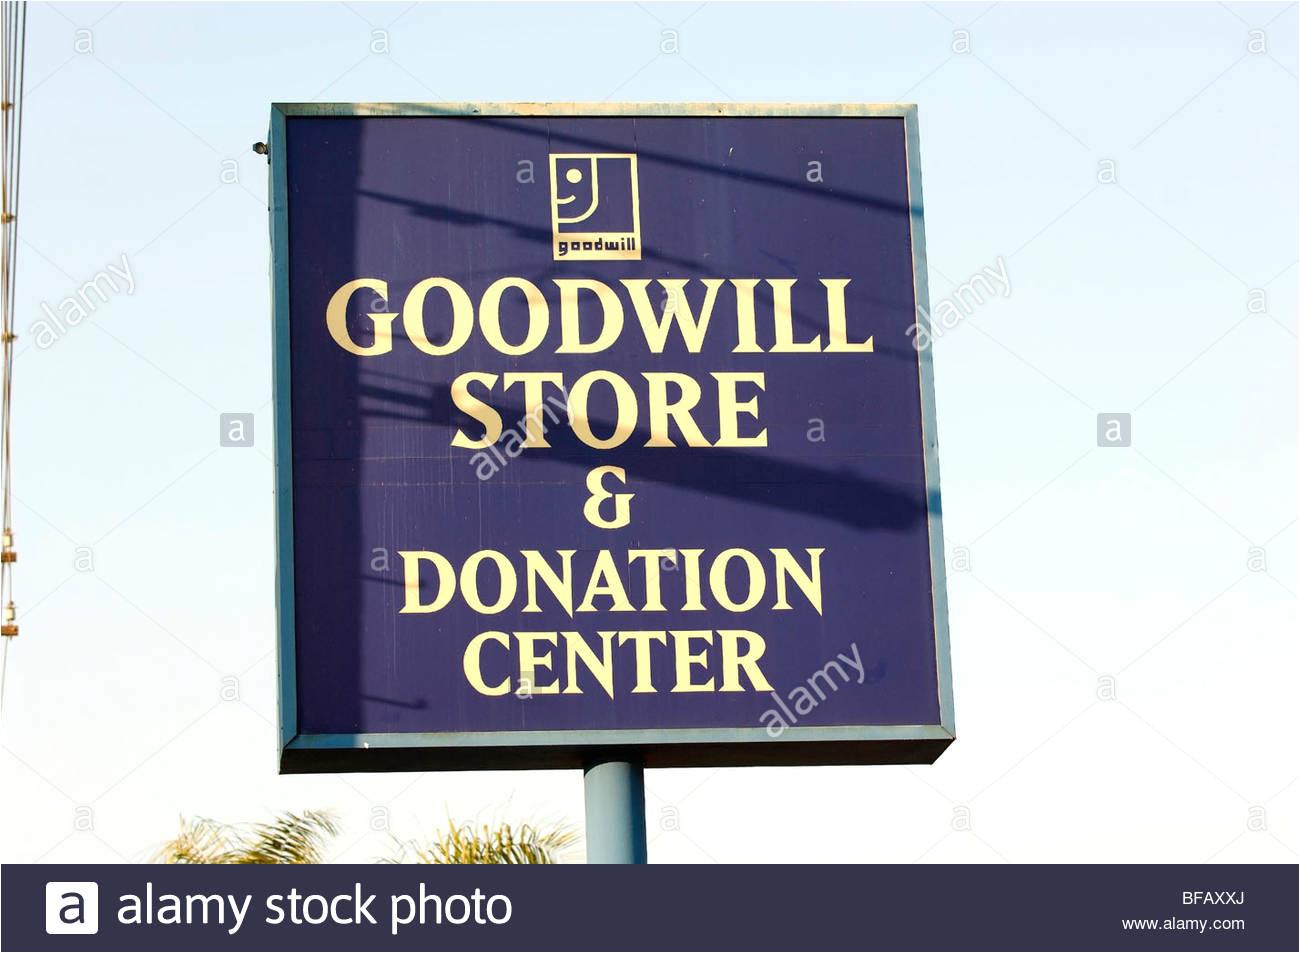 der goodwill store und spende center secondhand laden befindet sich in orange ca gibt steuerlich